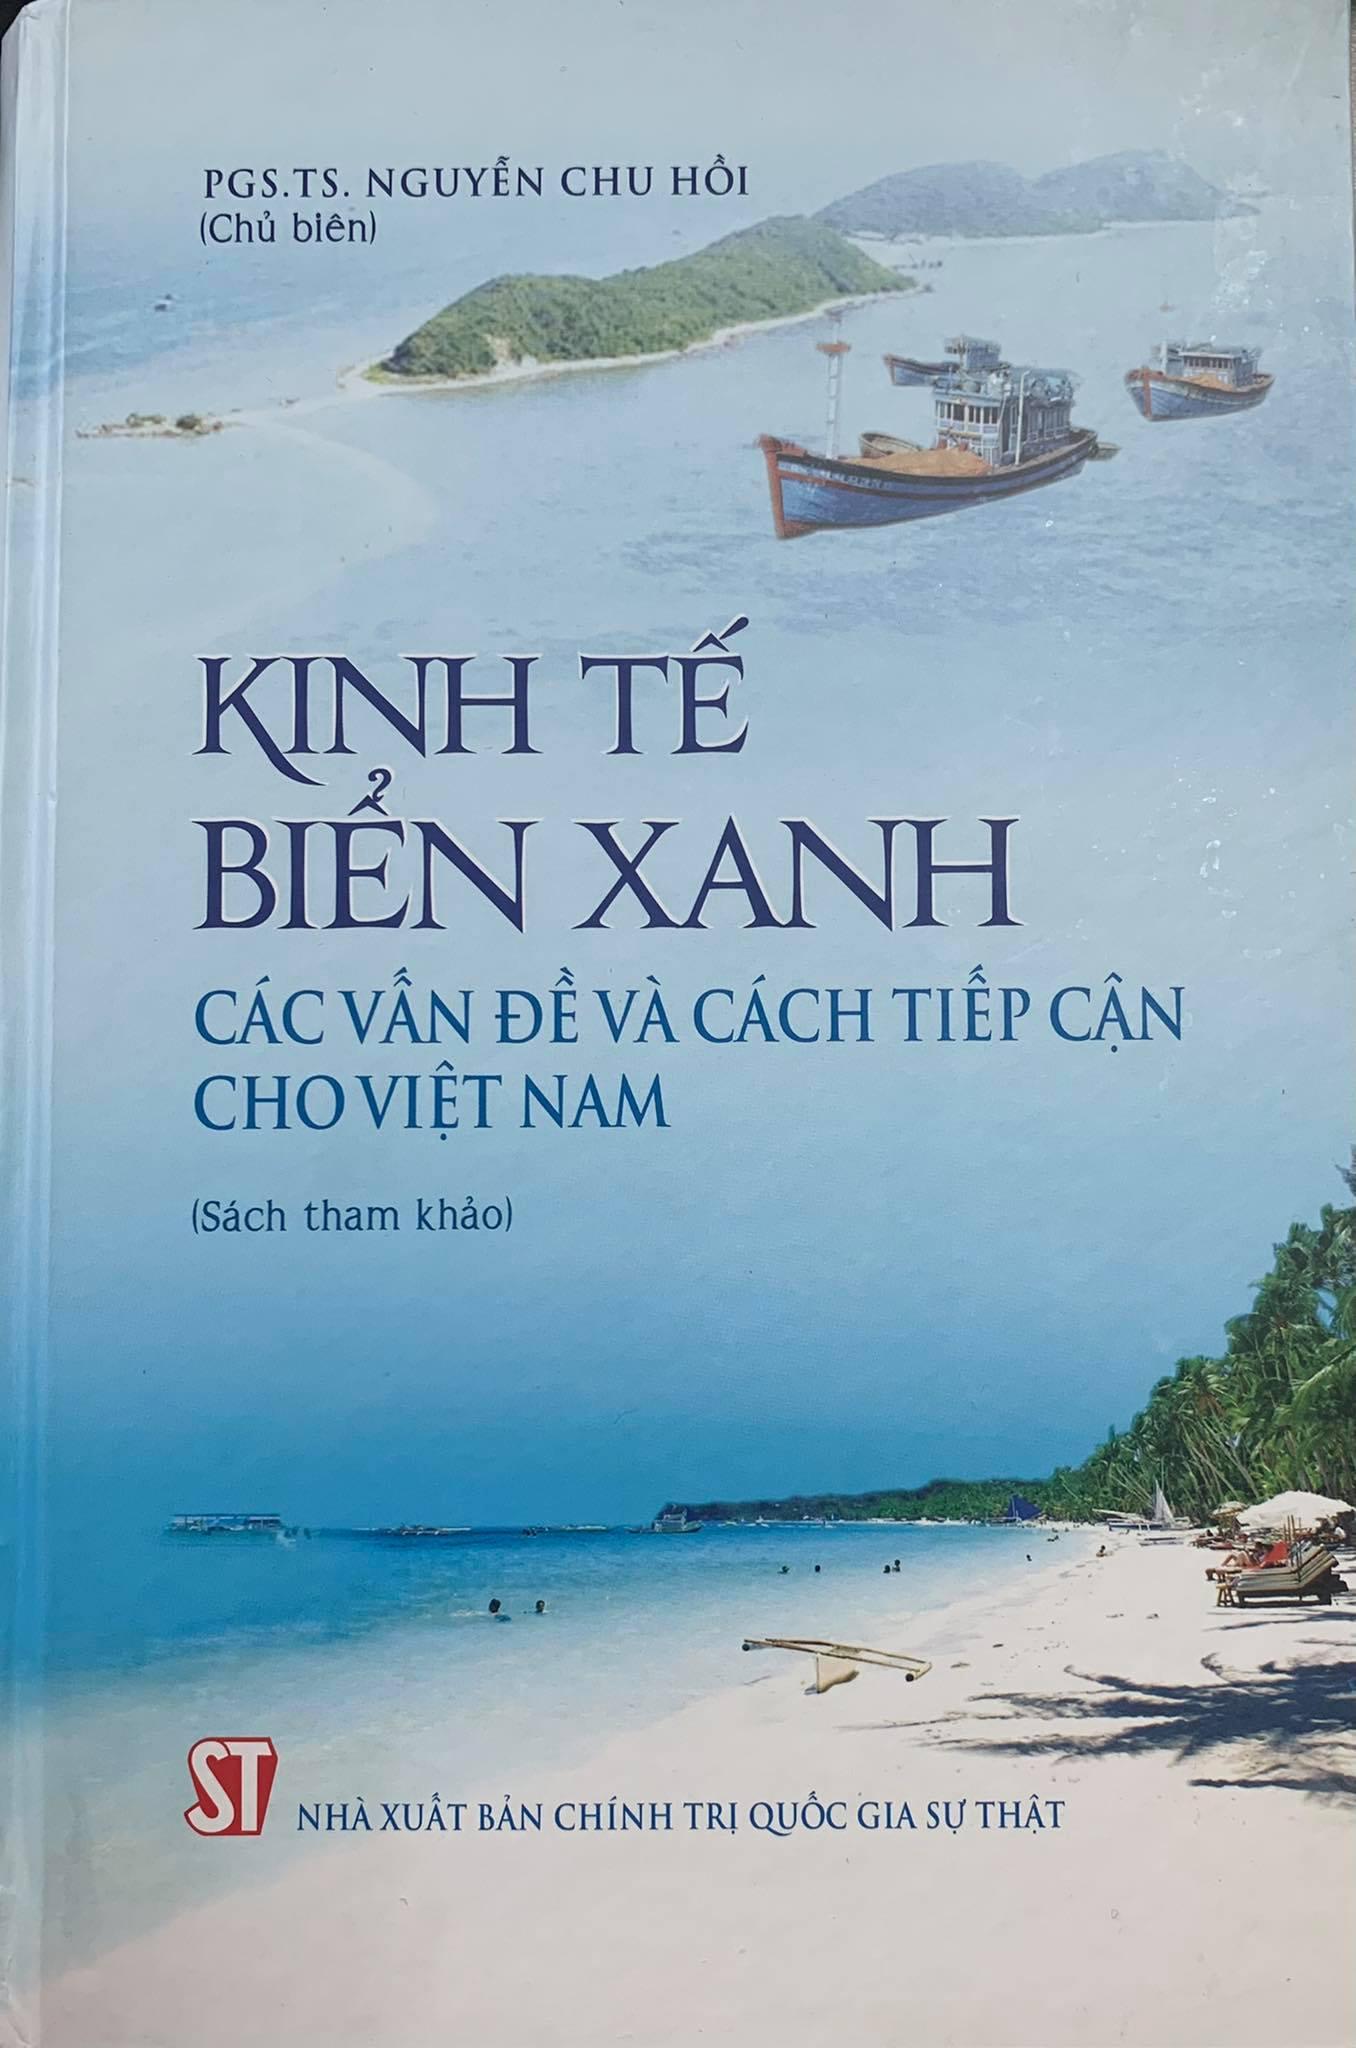 Kinh tế biển xanh - Các vấn đề và cách tiếp cận cho Việt Nam (Sách tham khảo)